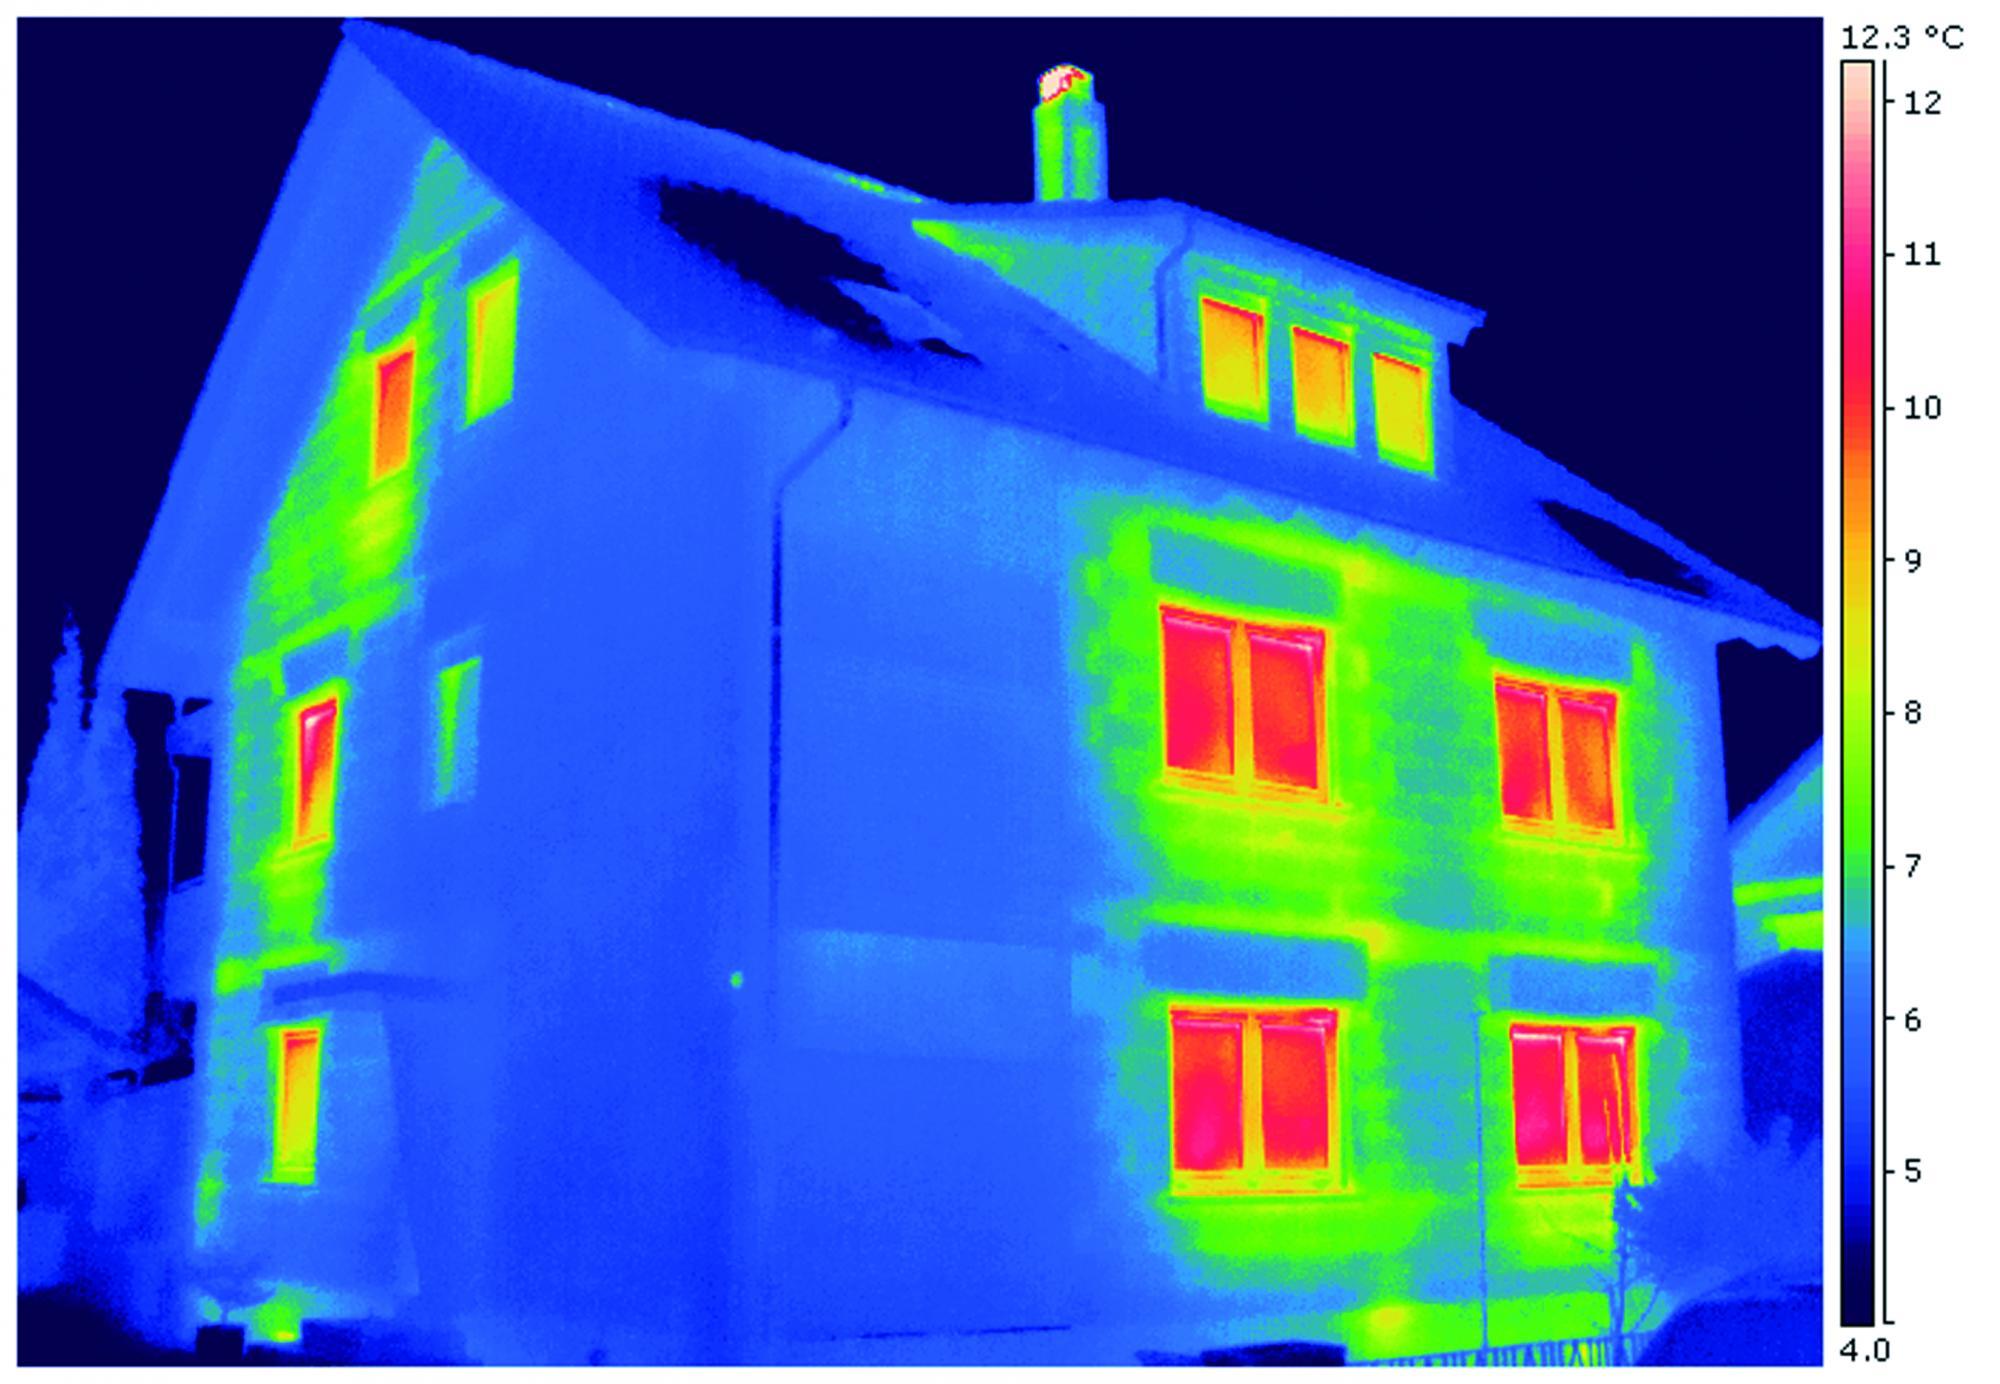 Où ta maison perd-elle de la chaleur?